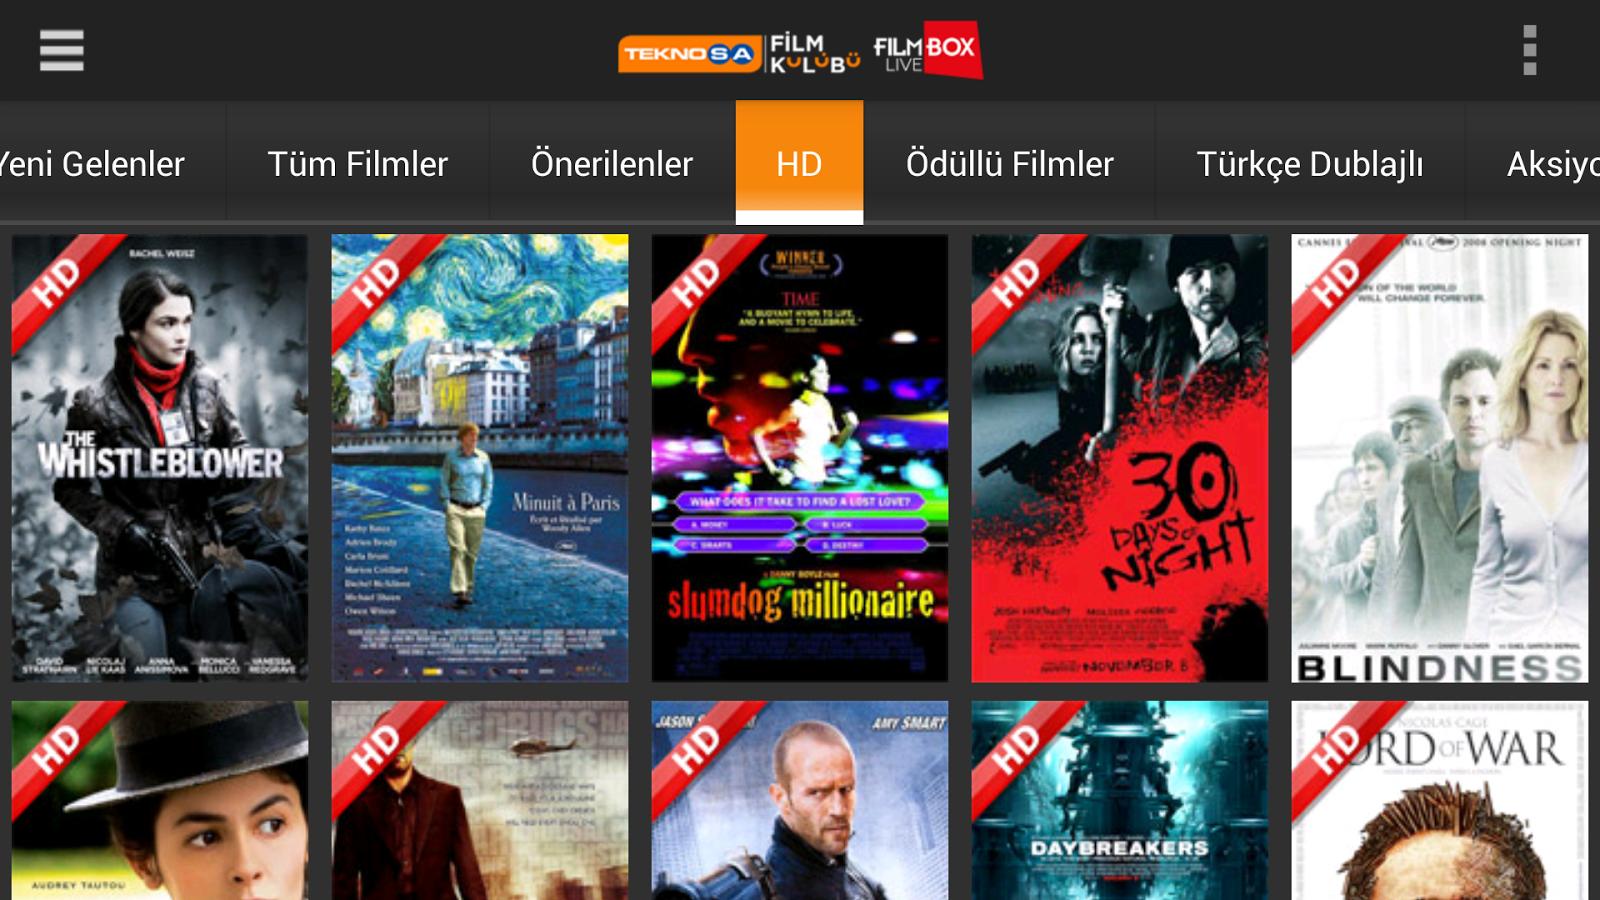 Teknosa Film Kulübü - screenshot